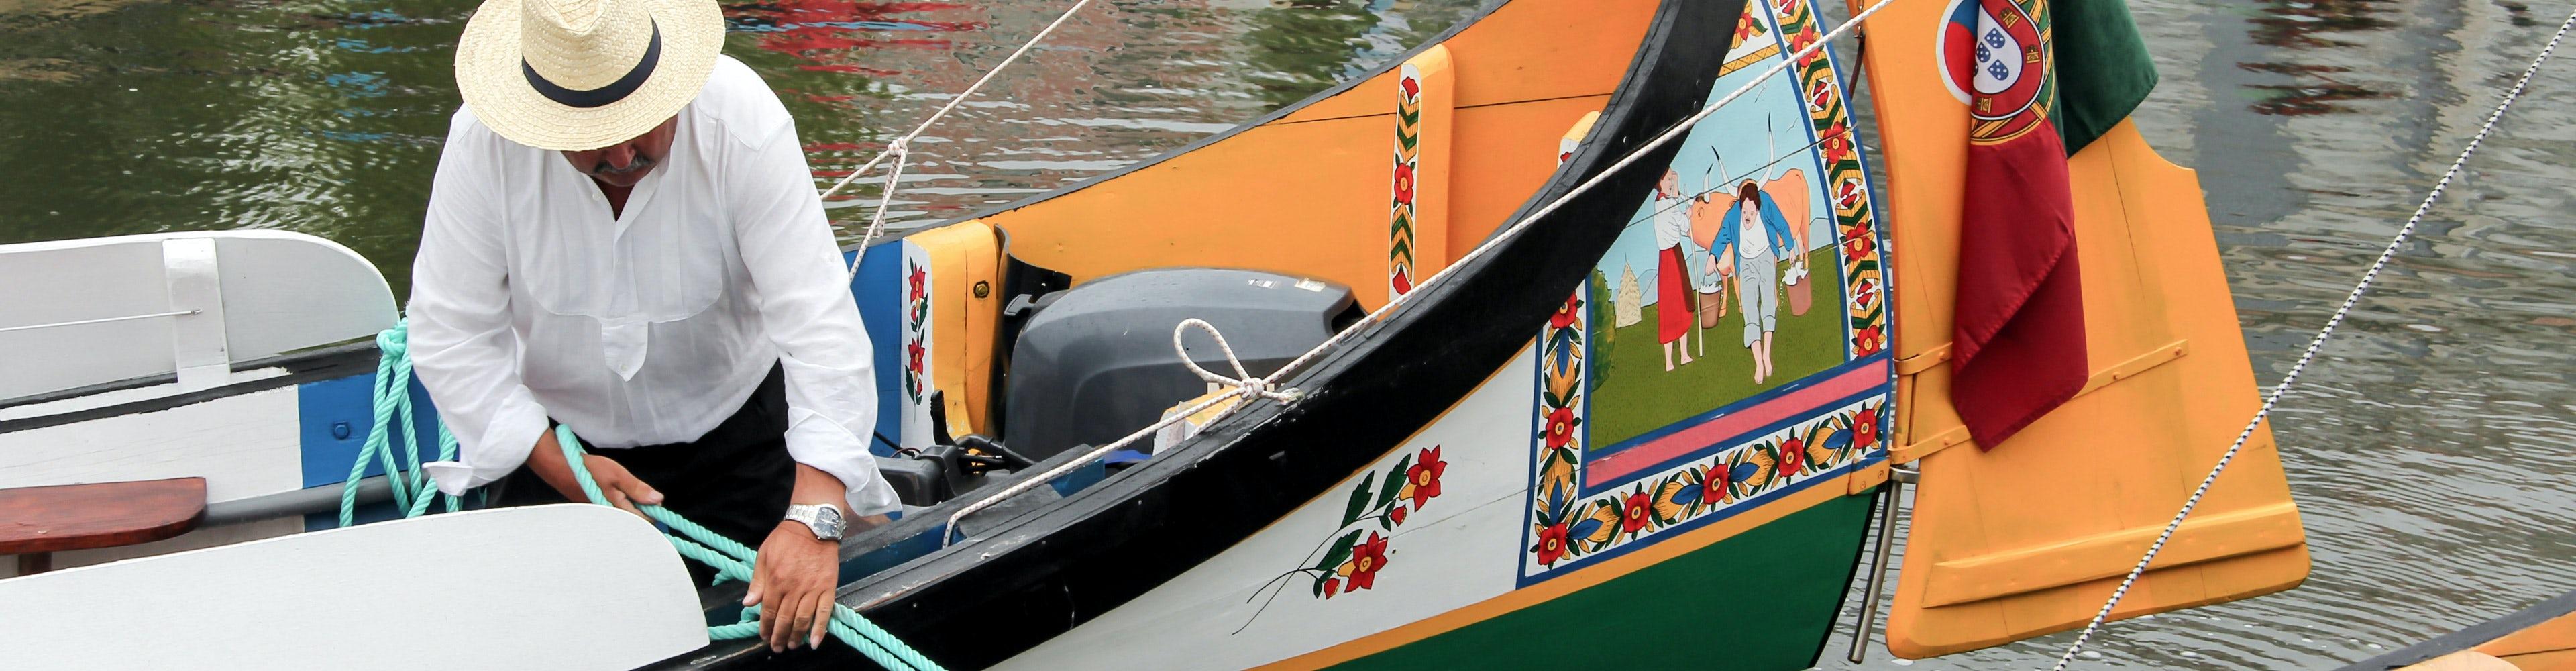 Excursión de medio día por Aveiro y Costa Nova con paseo en barco típico (mañana o tarde)